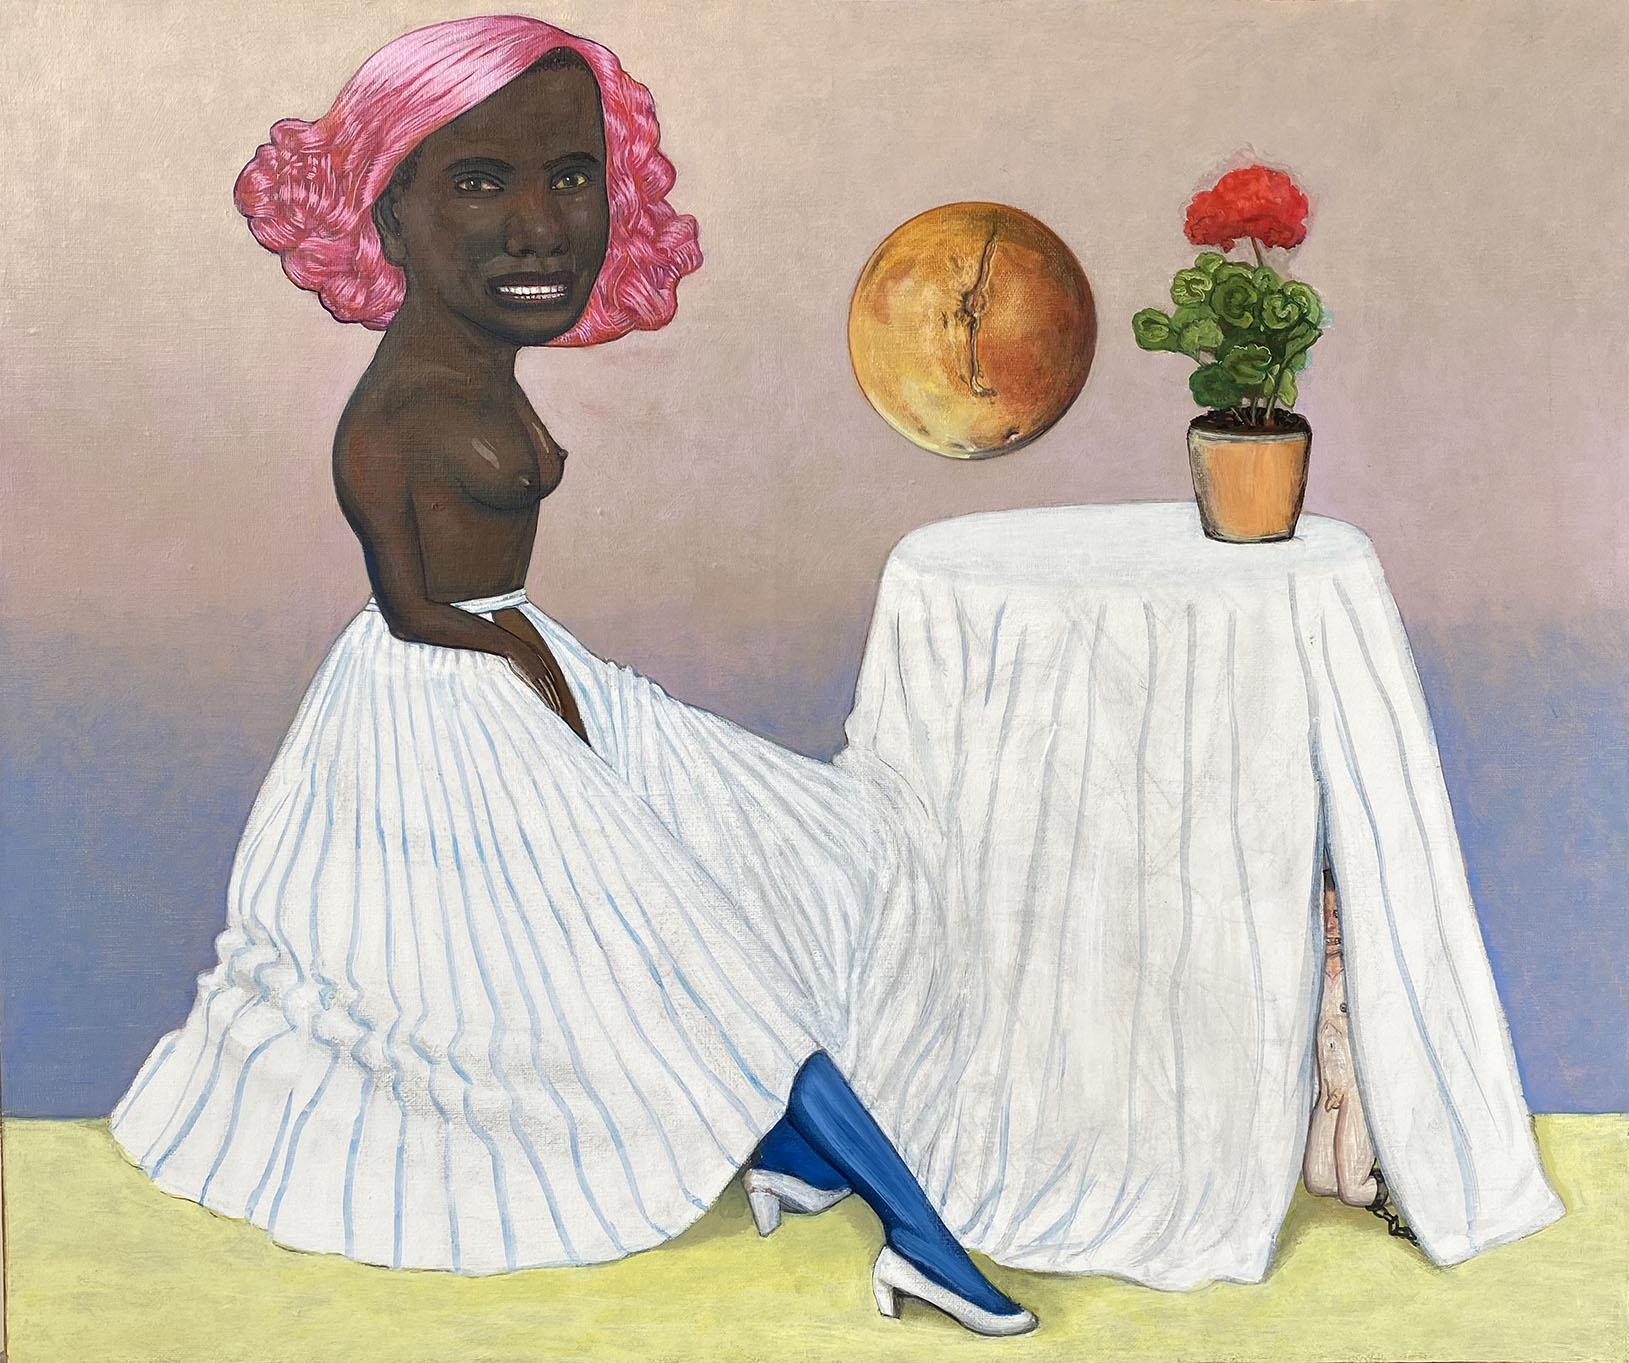 Pat Andrea, La première astronaute pour Mars, oil and casein paint on canvas, 54 x 65 cm, 2021